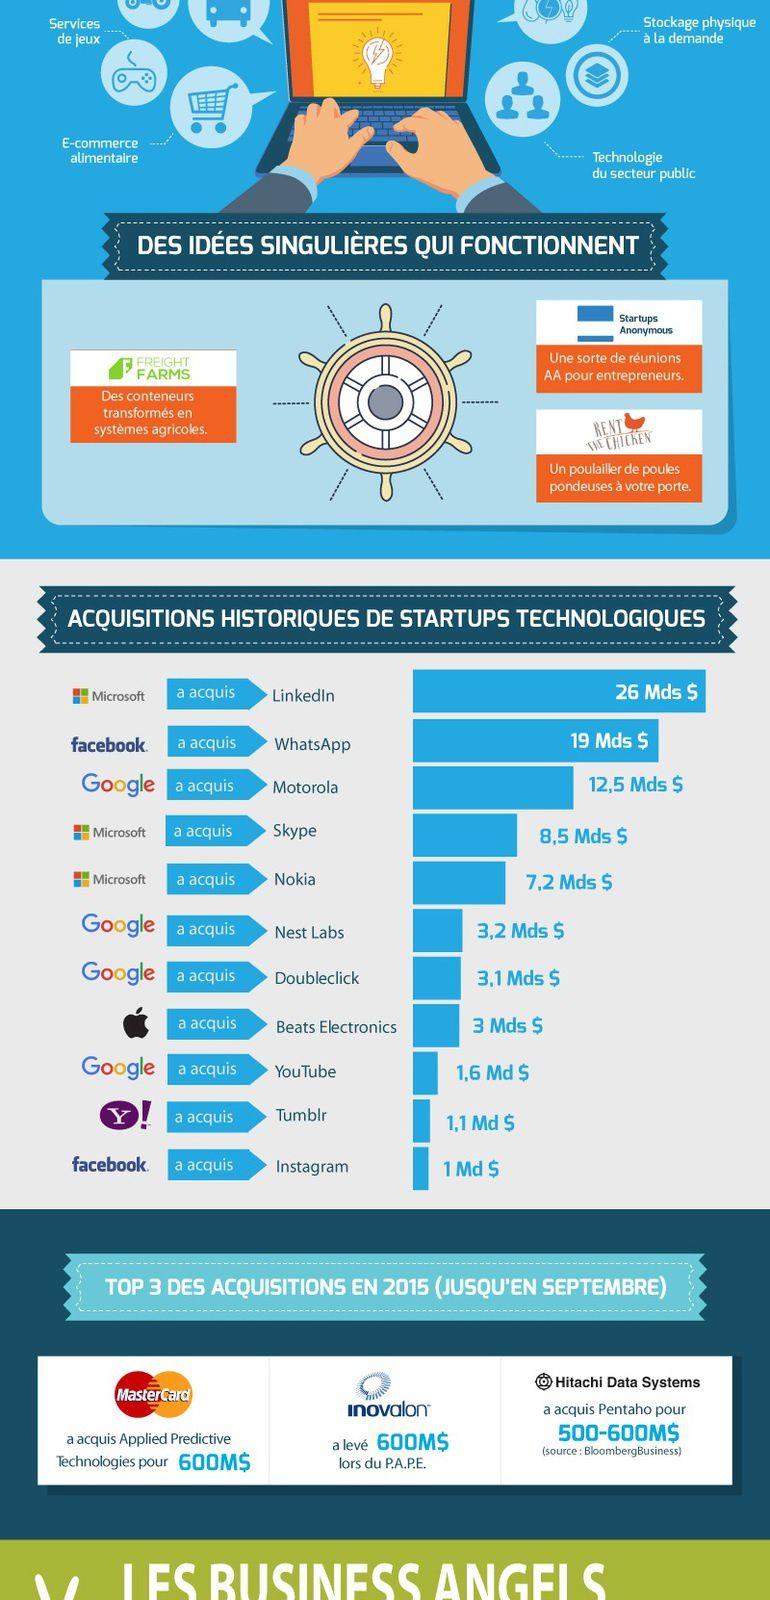 Infographie : 27 infos que vous ignorez peut-être sur les startups